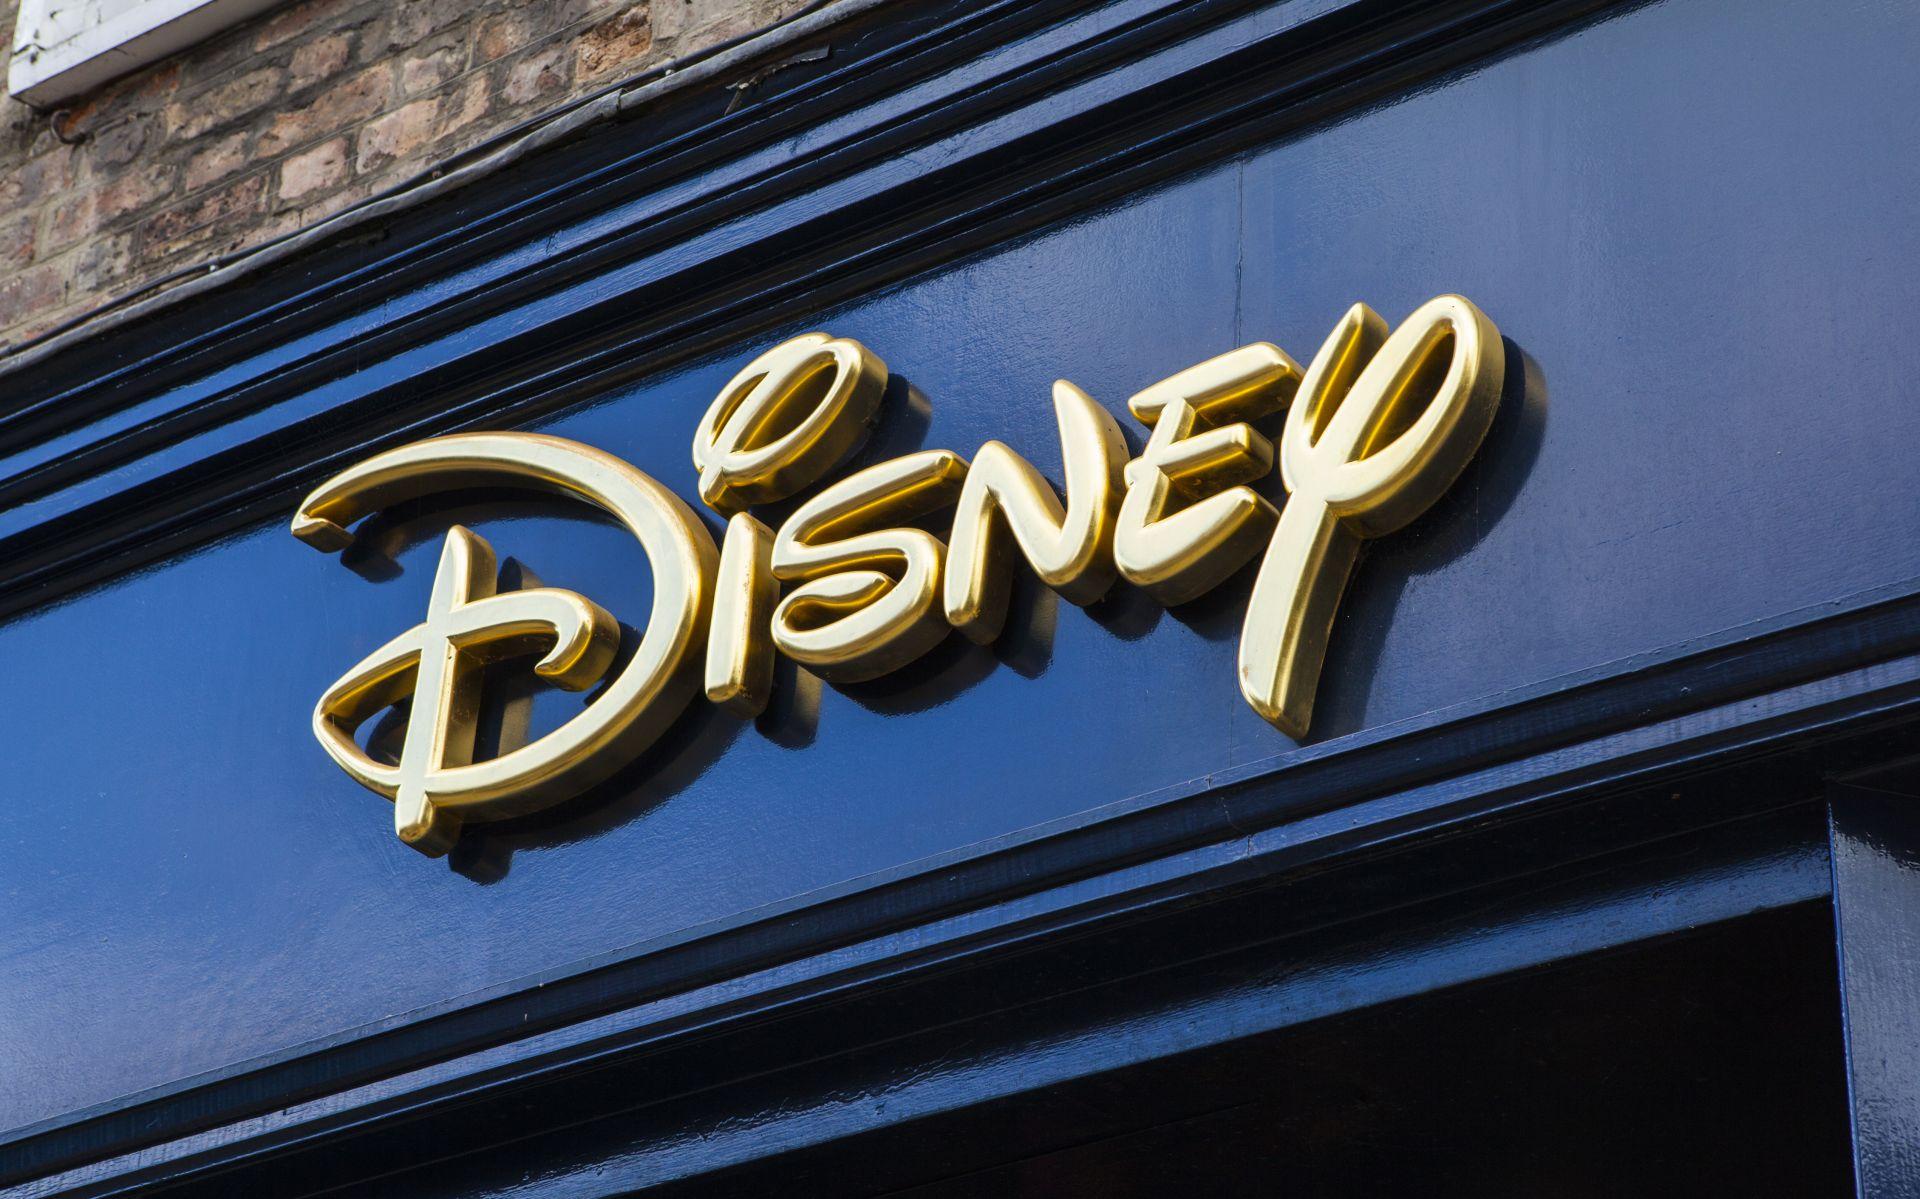 反擊了!迪士尼將推串流服務 搶回漫威、皮克斯與星戰 價格比 Netflix 更便宜